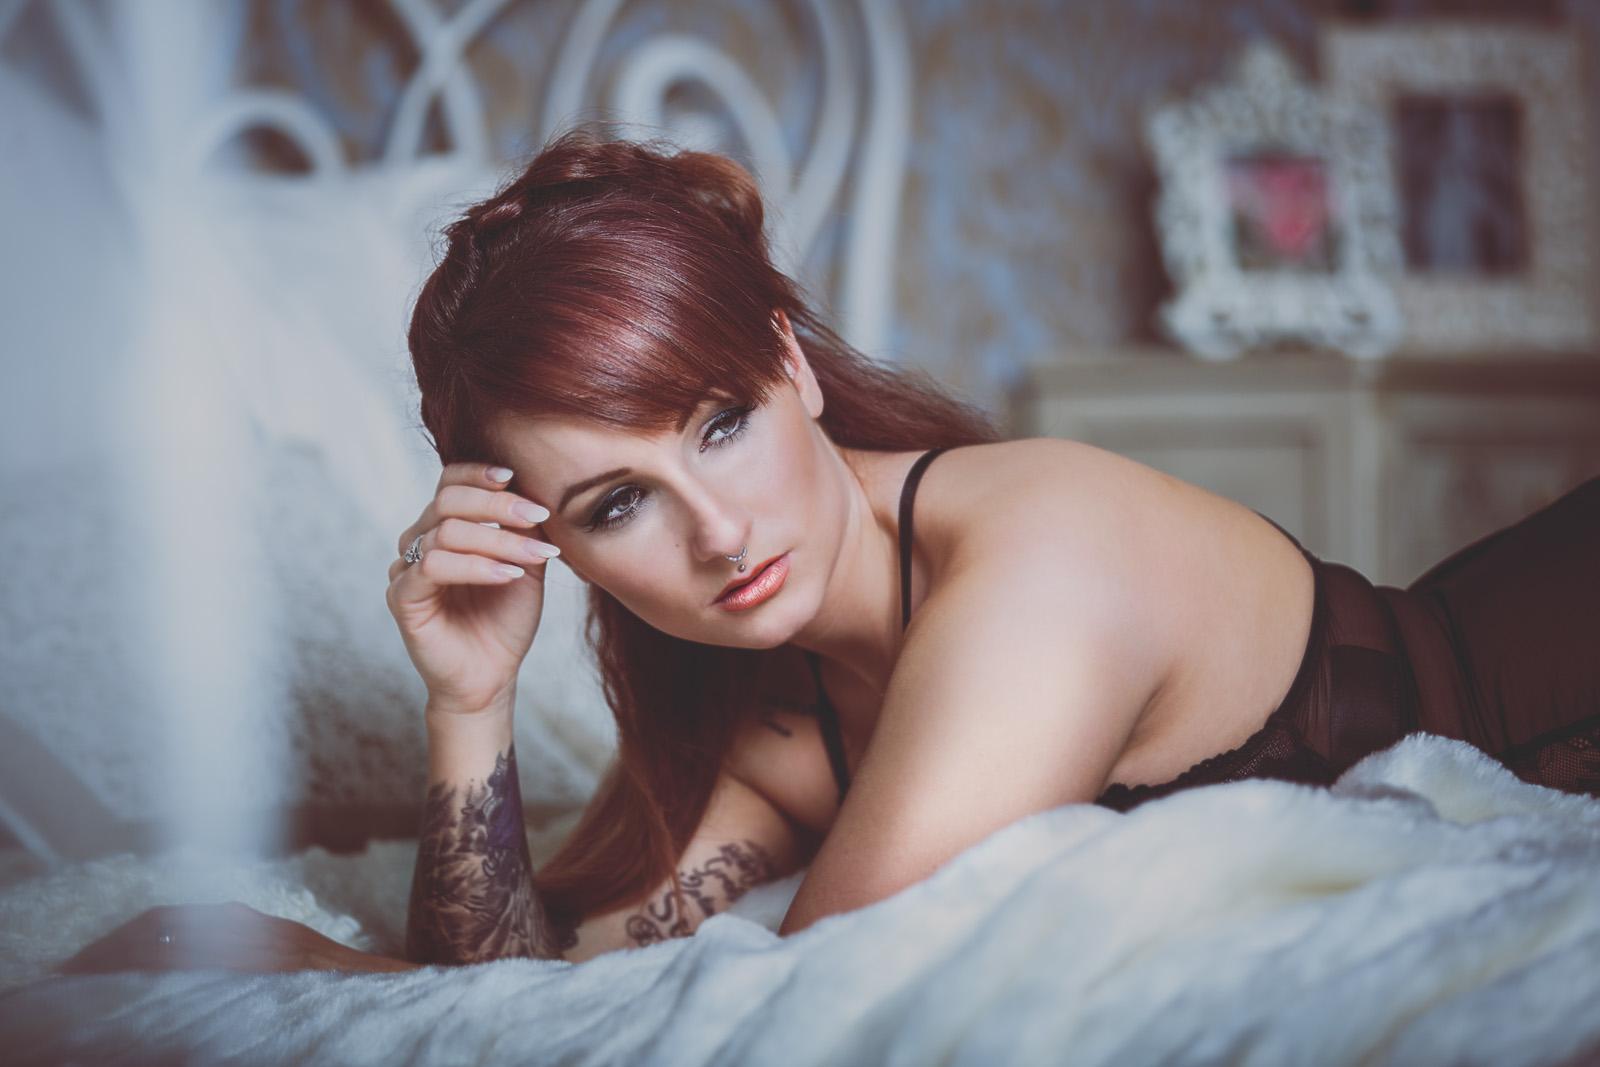 Modell Posing auf Bett